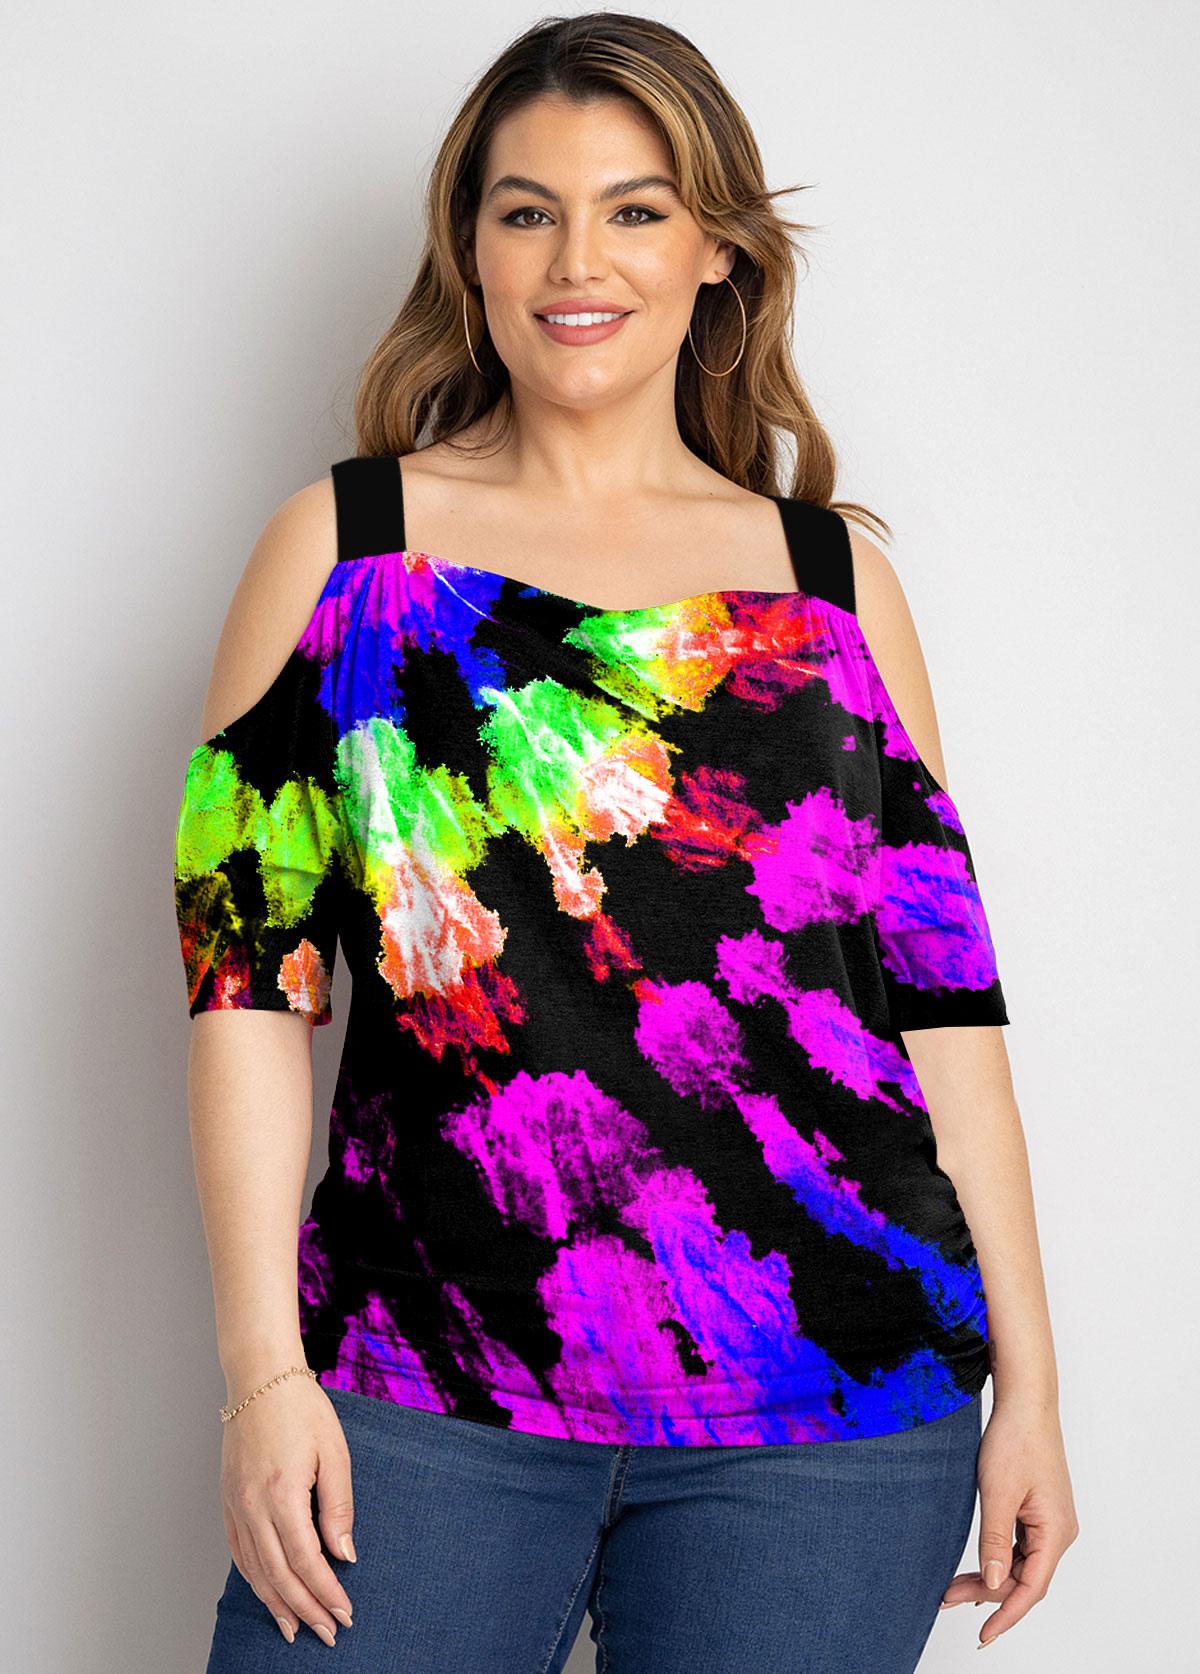 Rainbow Color Plus Size Tie Dye Print T Shirt